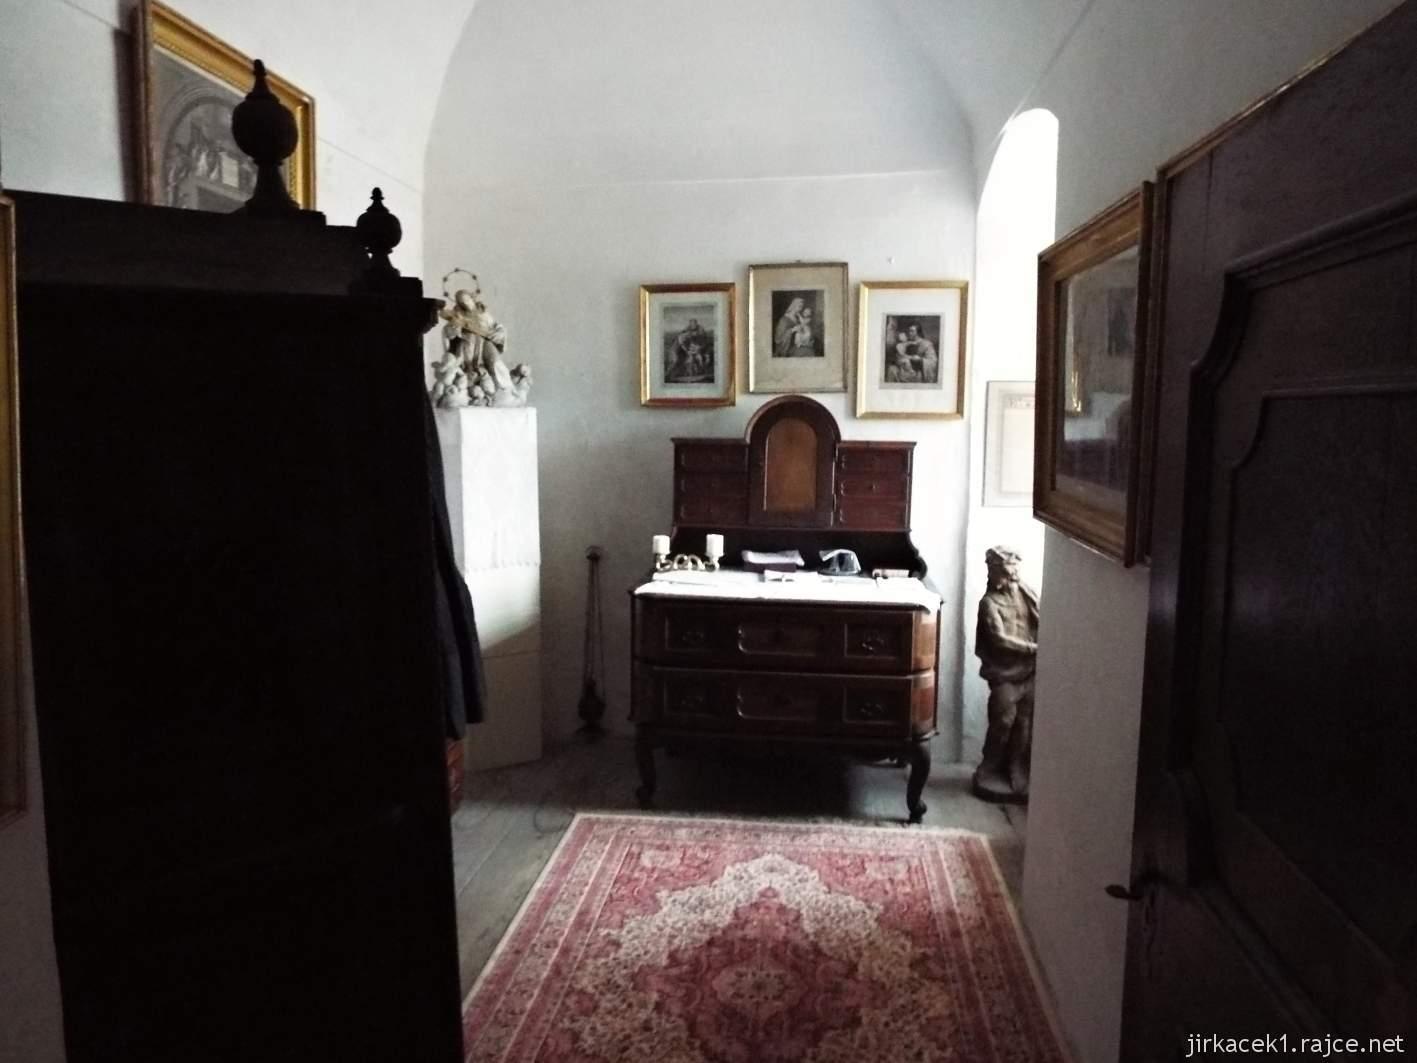 zámek Milotice 63 - interiéry - Kaple Panny Marie a sv. Jana Nepomuckého - sakristie